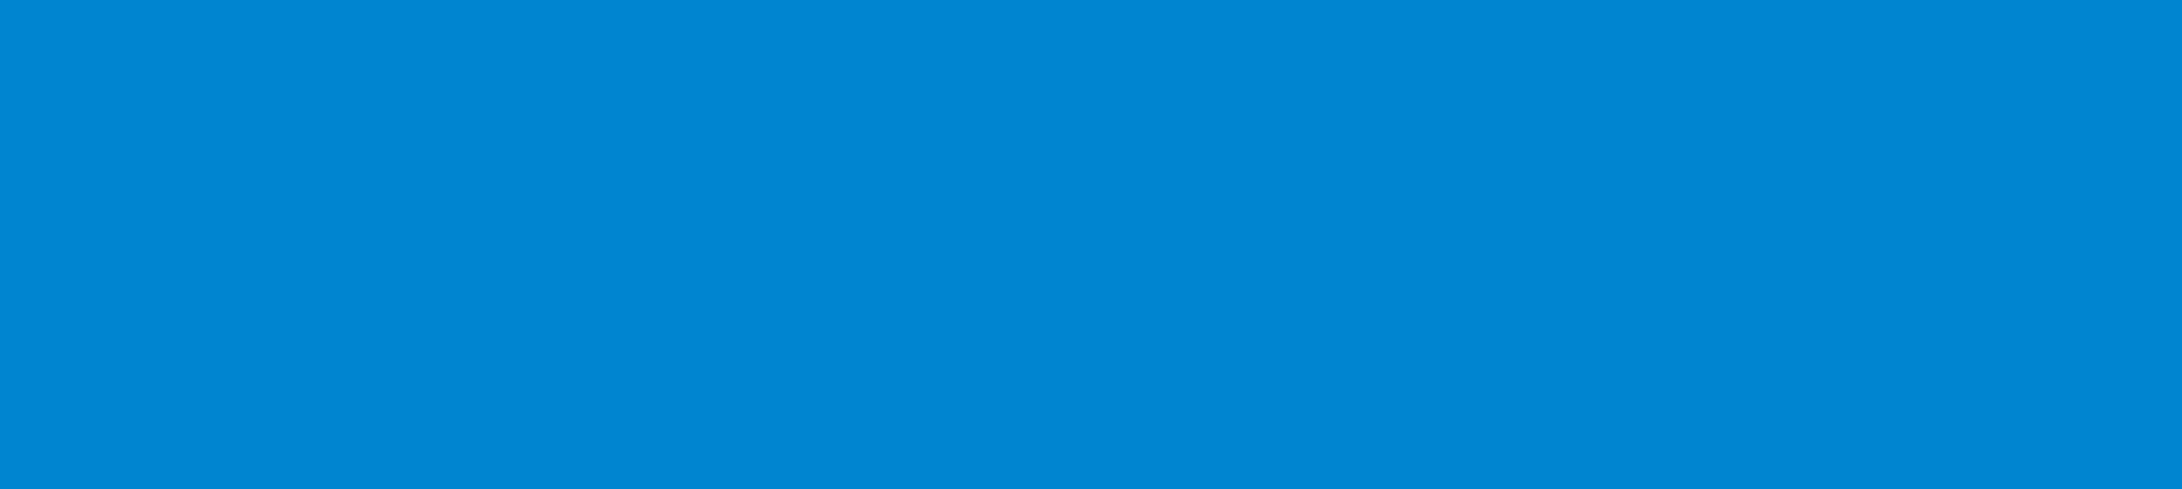 上海傅利叶智能科技有限公司-2018中国国际福祉博览会暨中国国际康复博览会